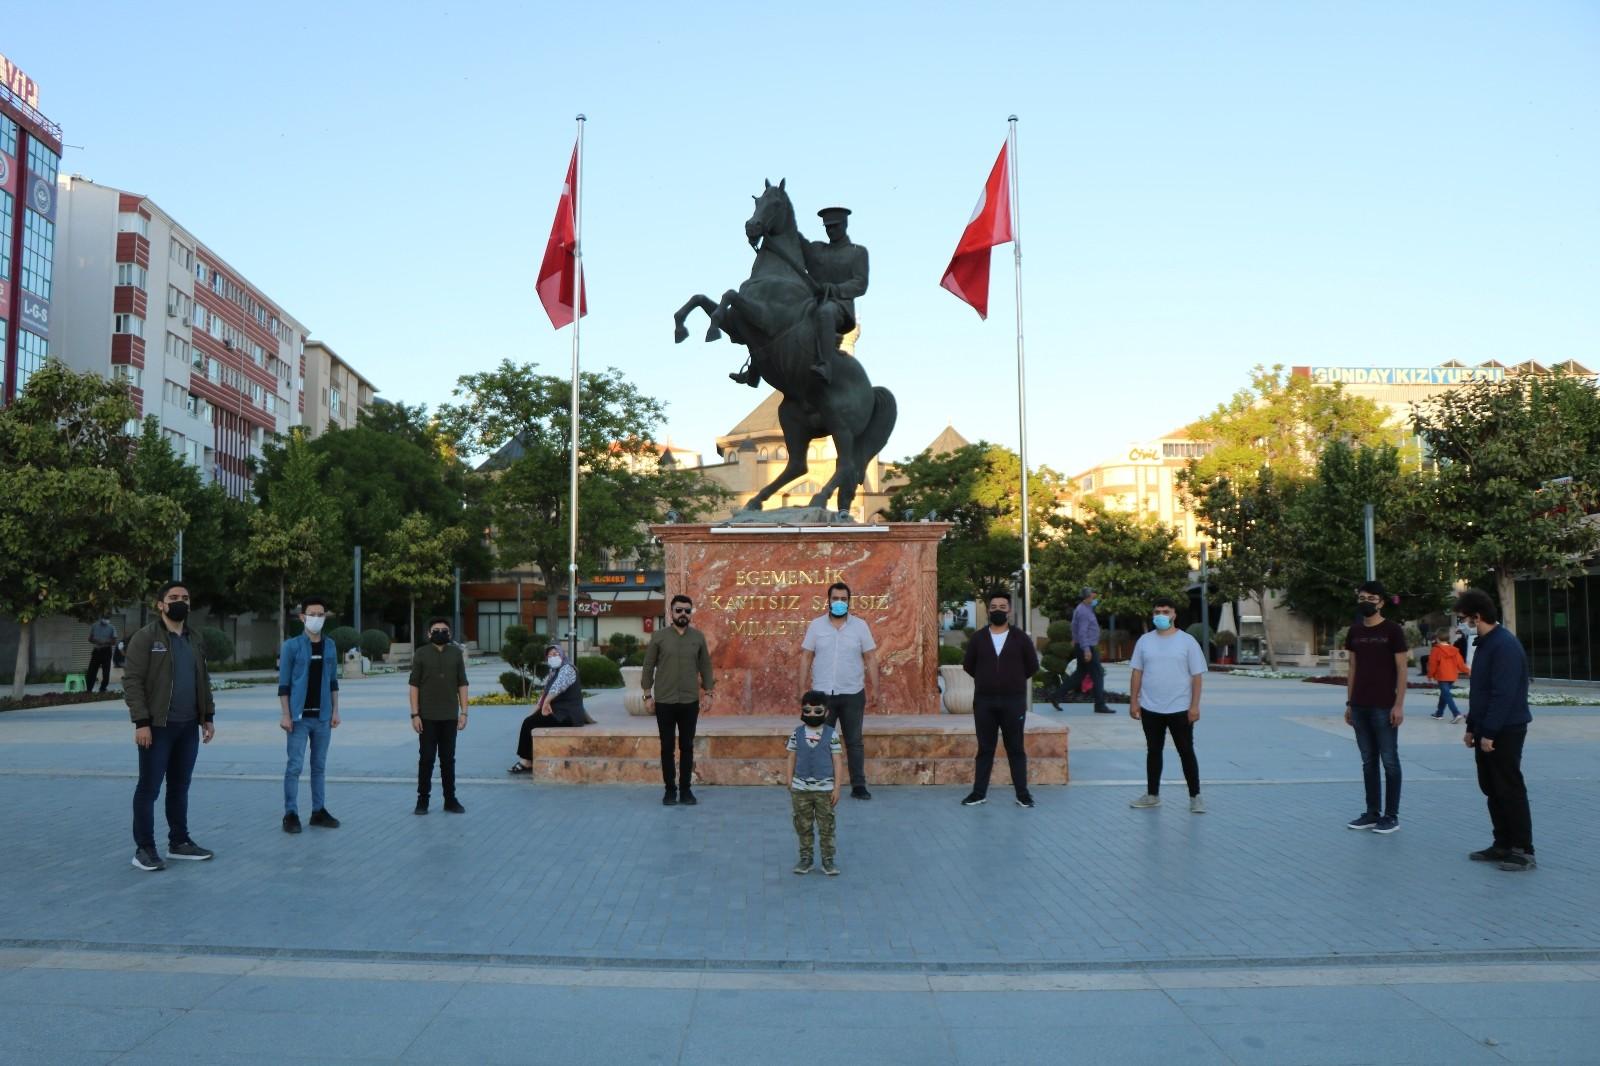 19.19'da Kırşehir'de hayat durdu, gençler Cacabey Meydanı'nda İstiklal Marşı okudu